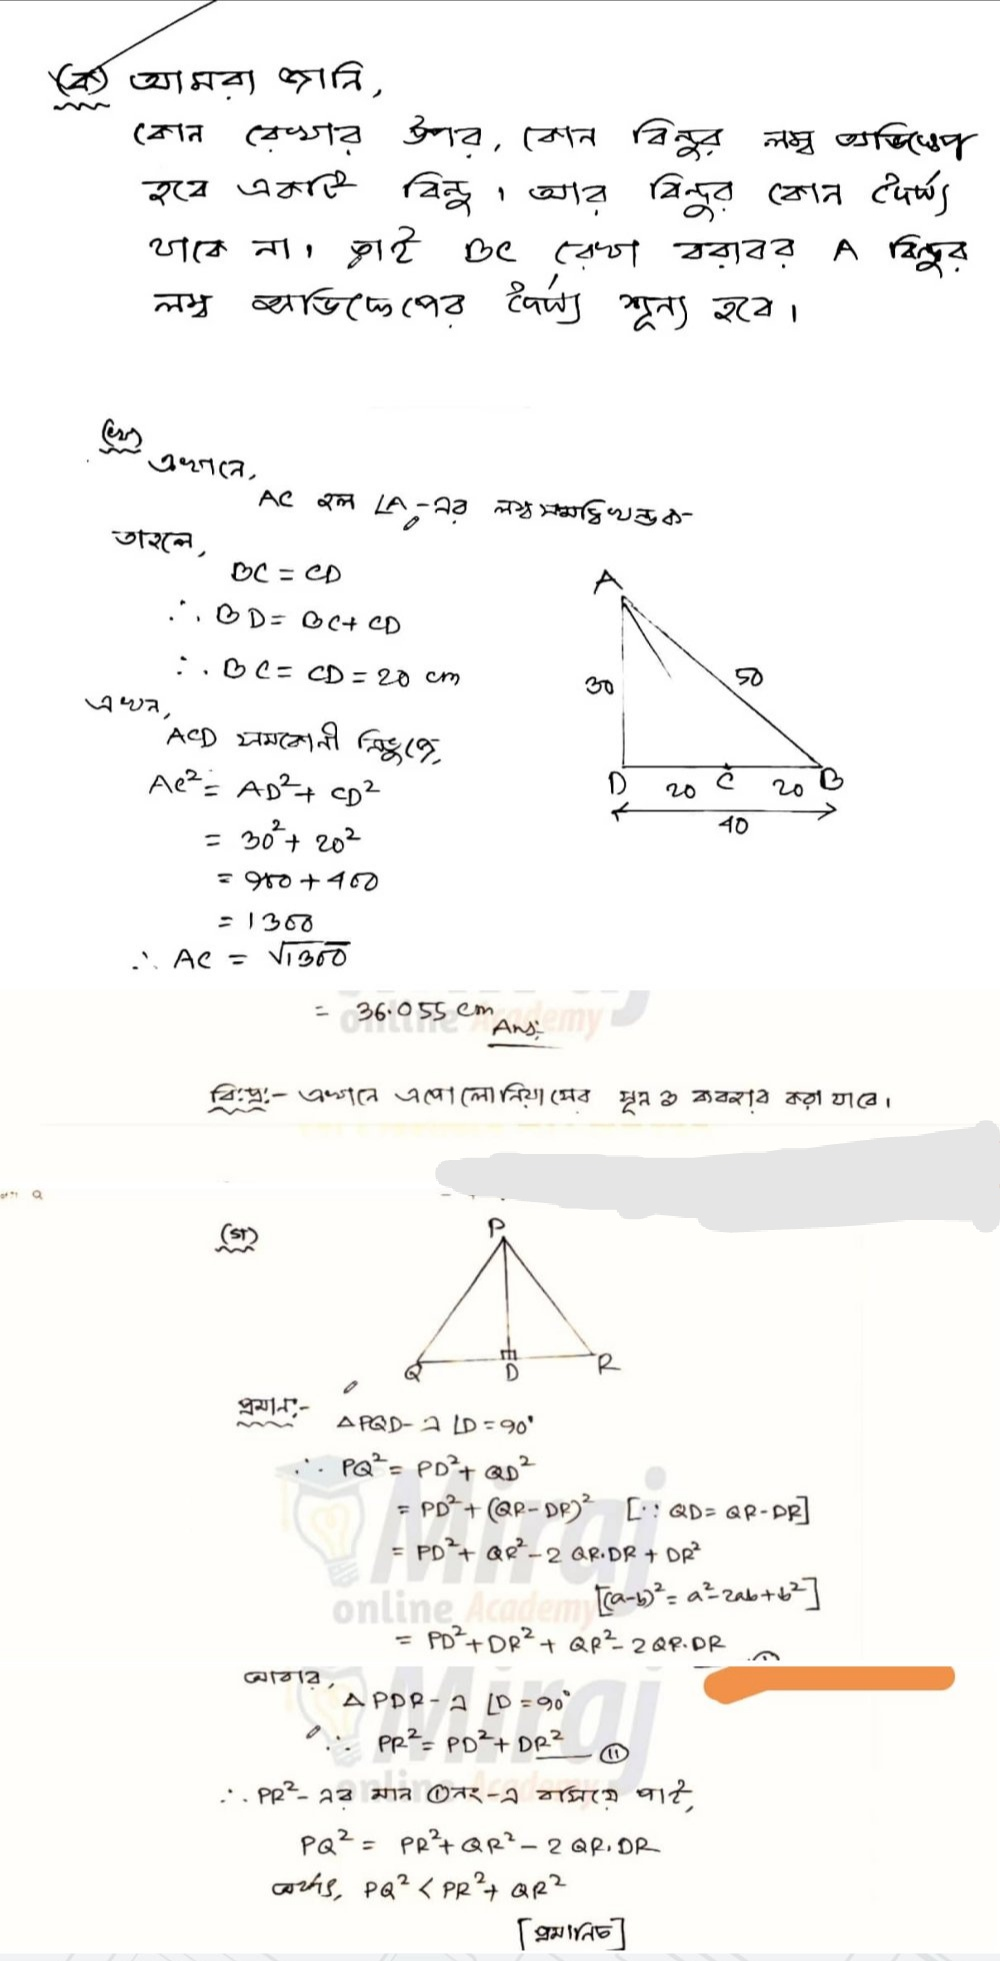 ৯ম/নবম শ্রেণির /শ্রেণীর ১৪তম সপ্তাহের উচ্চতর গণিত এসাইনমেন্ট সমাধান /উত্তর ২০২১ (এসাইনমেন্ট ৩) | Class 9 Higher Math 14th Weel Assignment solution /Answer 2021 PDF | ৯ম/নবম শ্রেণির এসাইনমেন্ট ২০২১ উত্তর সমাধান উচ্চতর গণিত (১৪ সপ্তাহ)